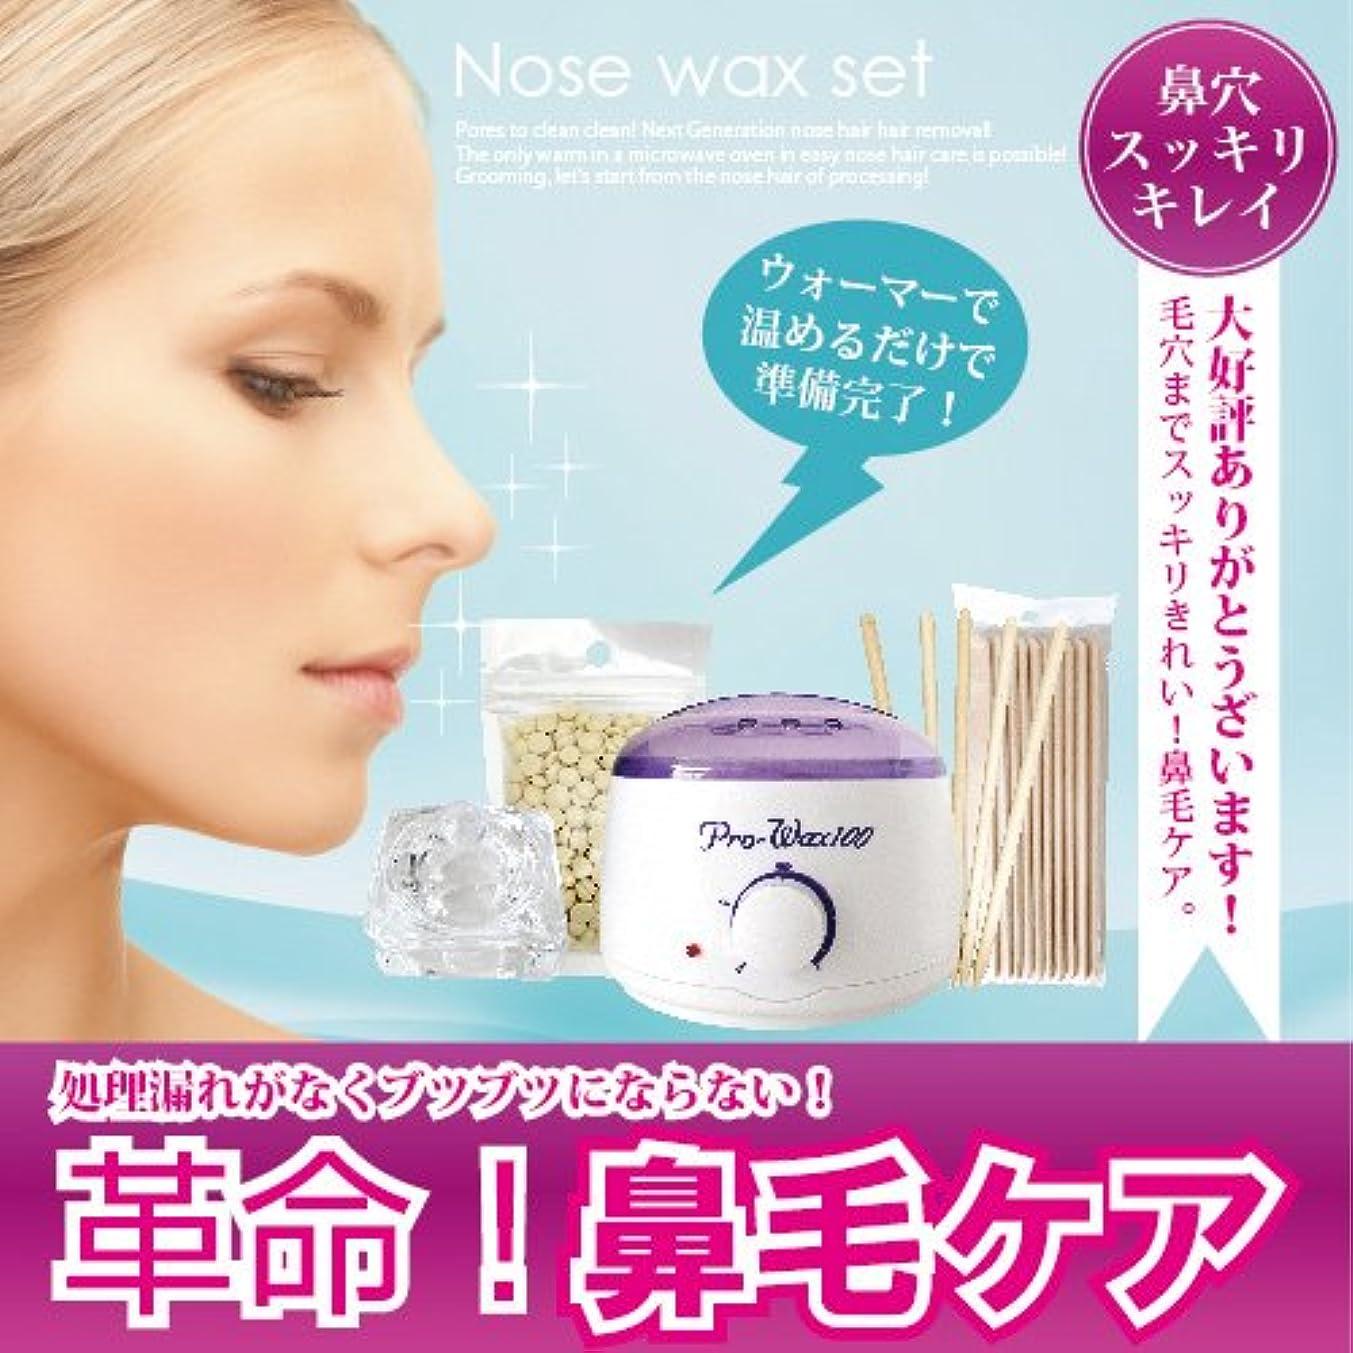 絞る推測する記念碑的なブラジリアンワックス Nose wax setウォーマー付ノーズワックス鼻毛ケアセット(約12回分)